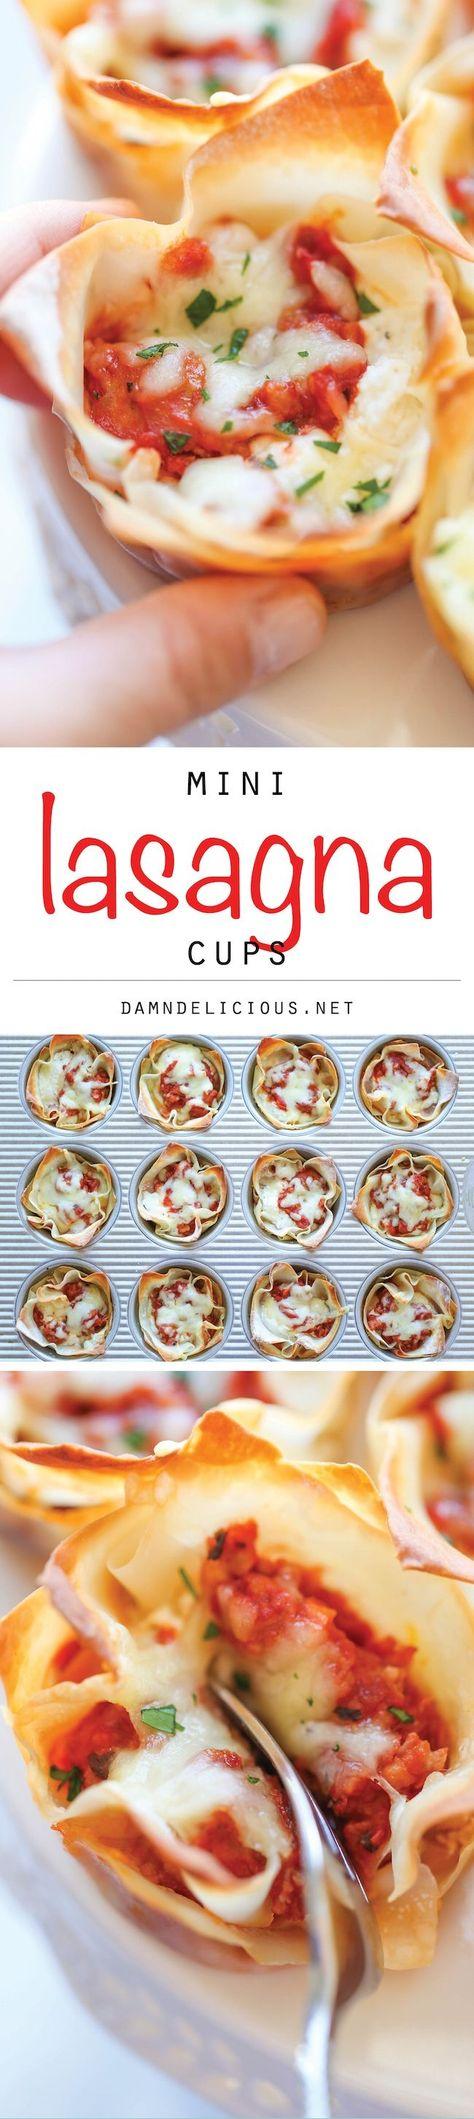 Mini Lasagna Cups |  #Cups #Lasagna #Mini